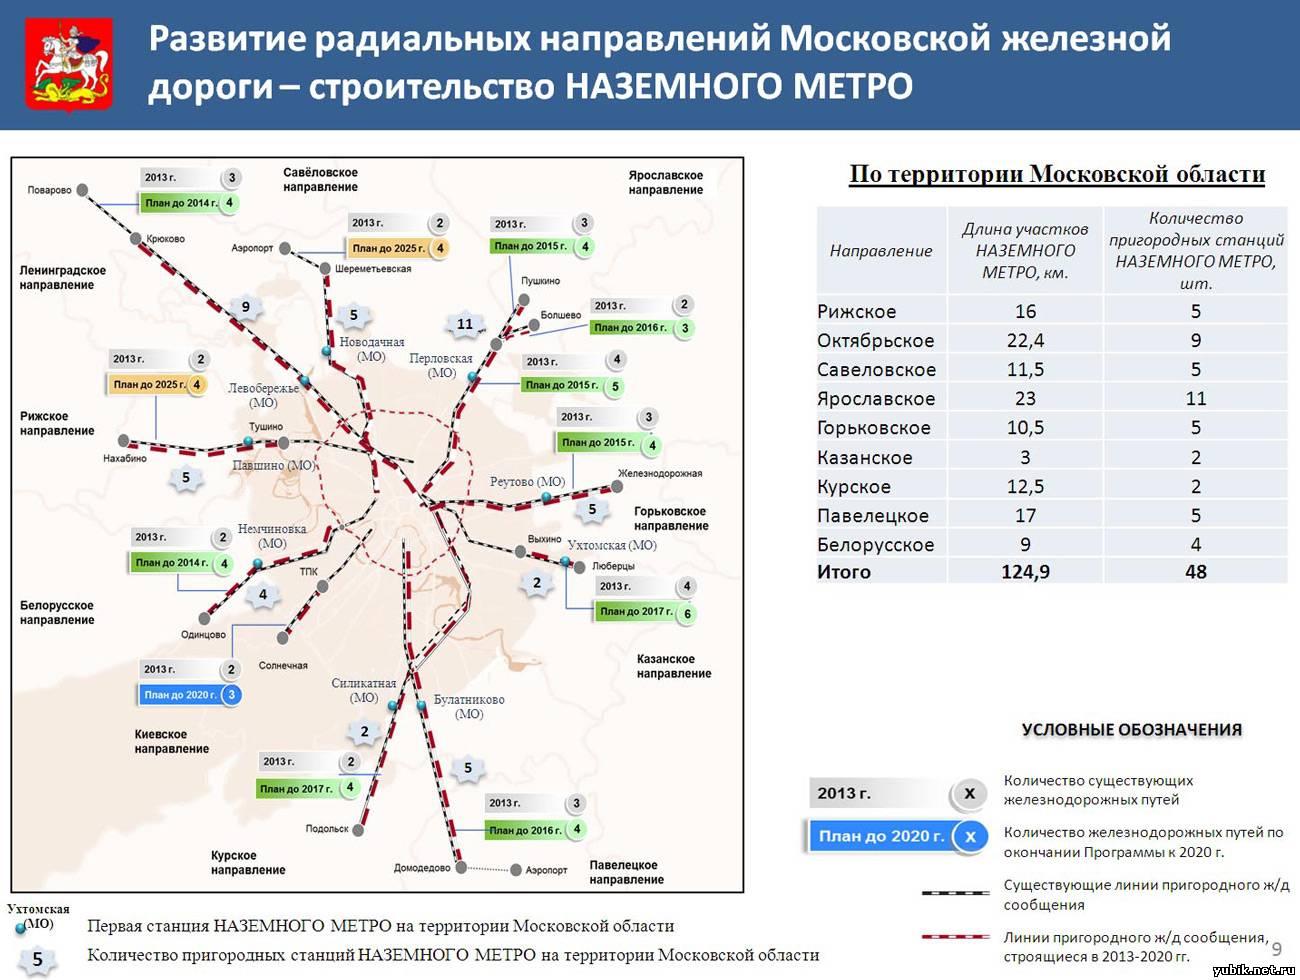 планируется ли строительство метро в балашихе